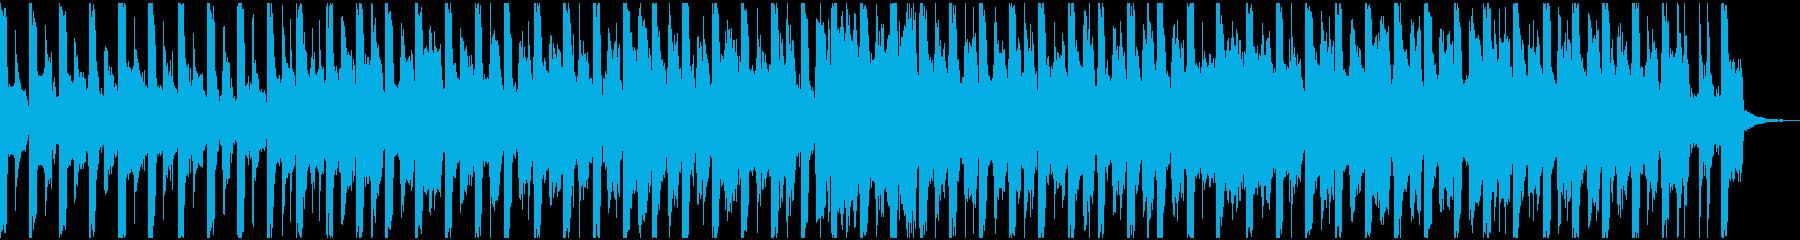 カントリーミュージックスタイルの面...の再生済みの波形